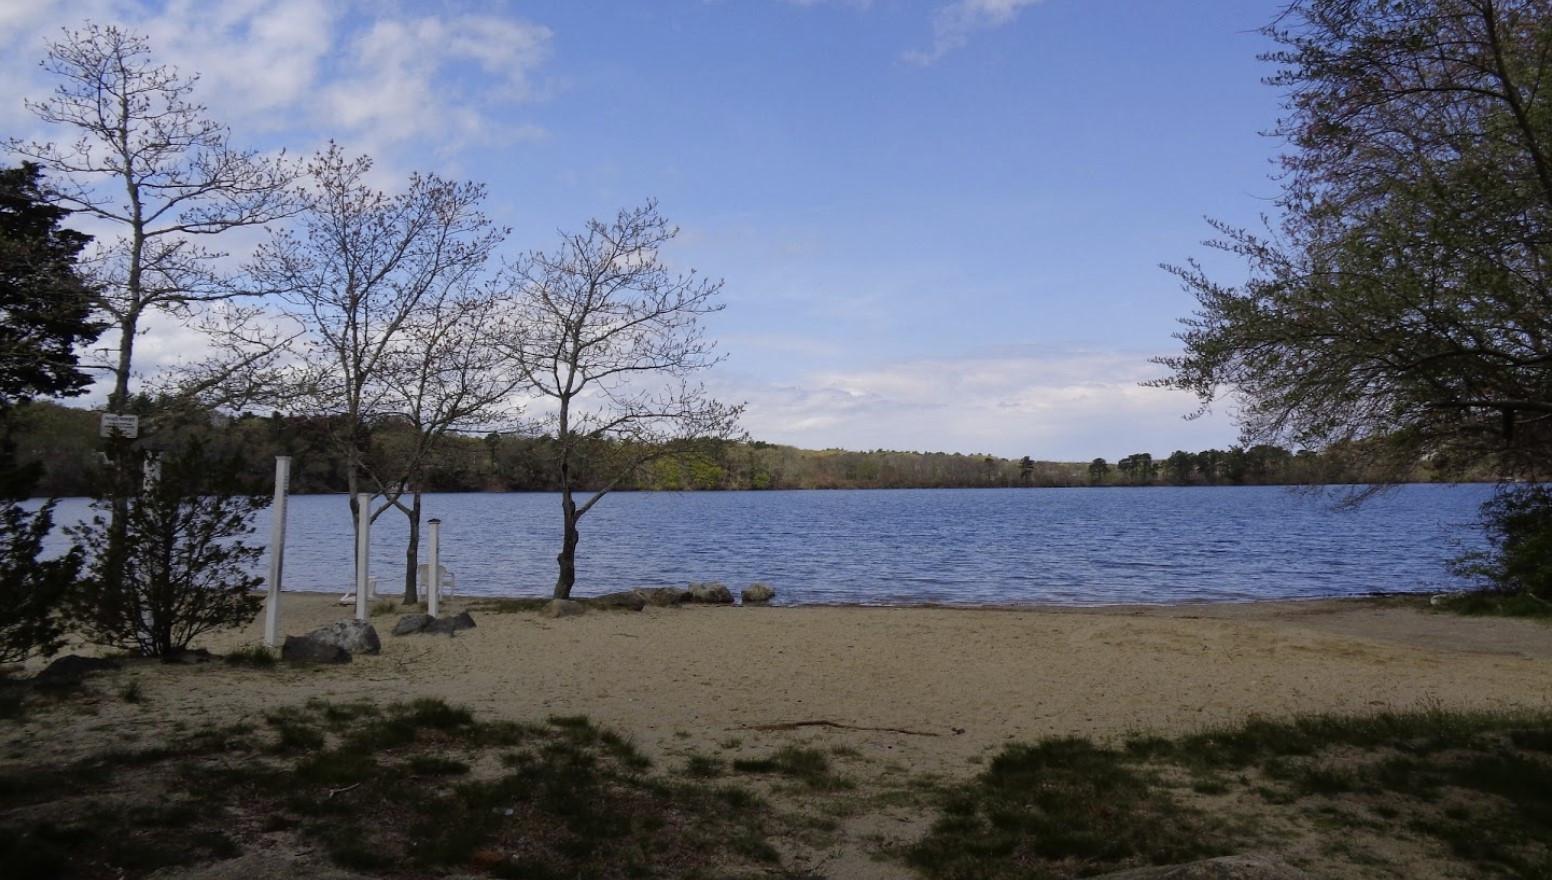 Middle Pond Public Beach